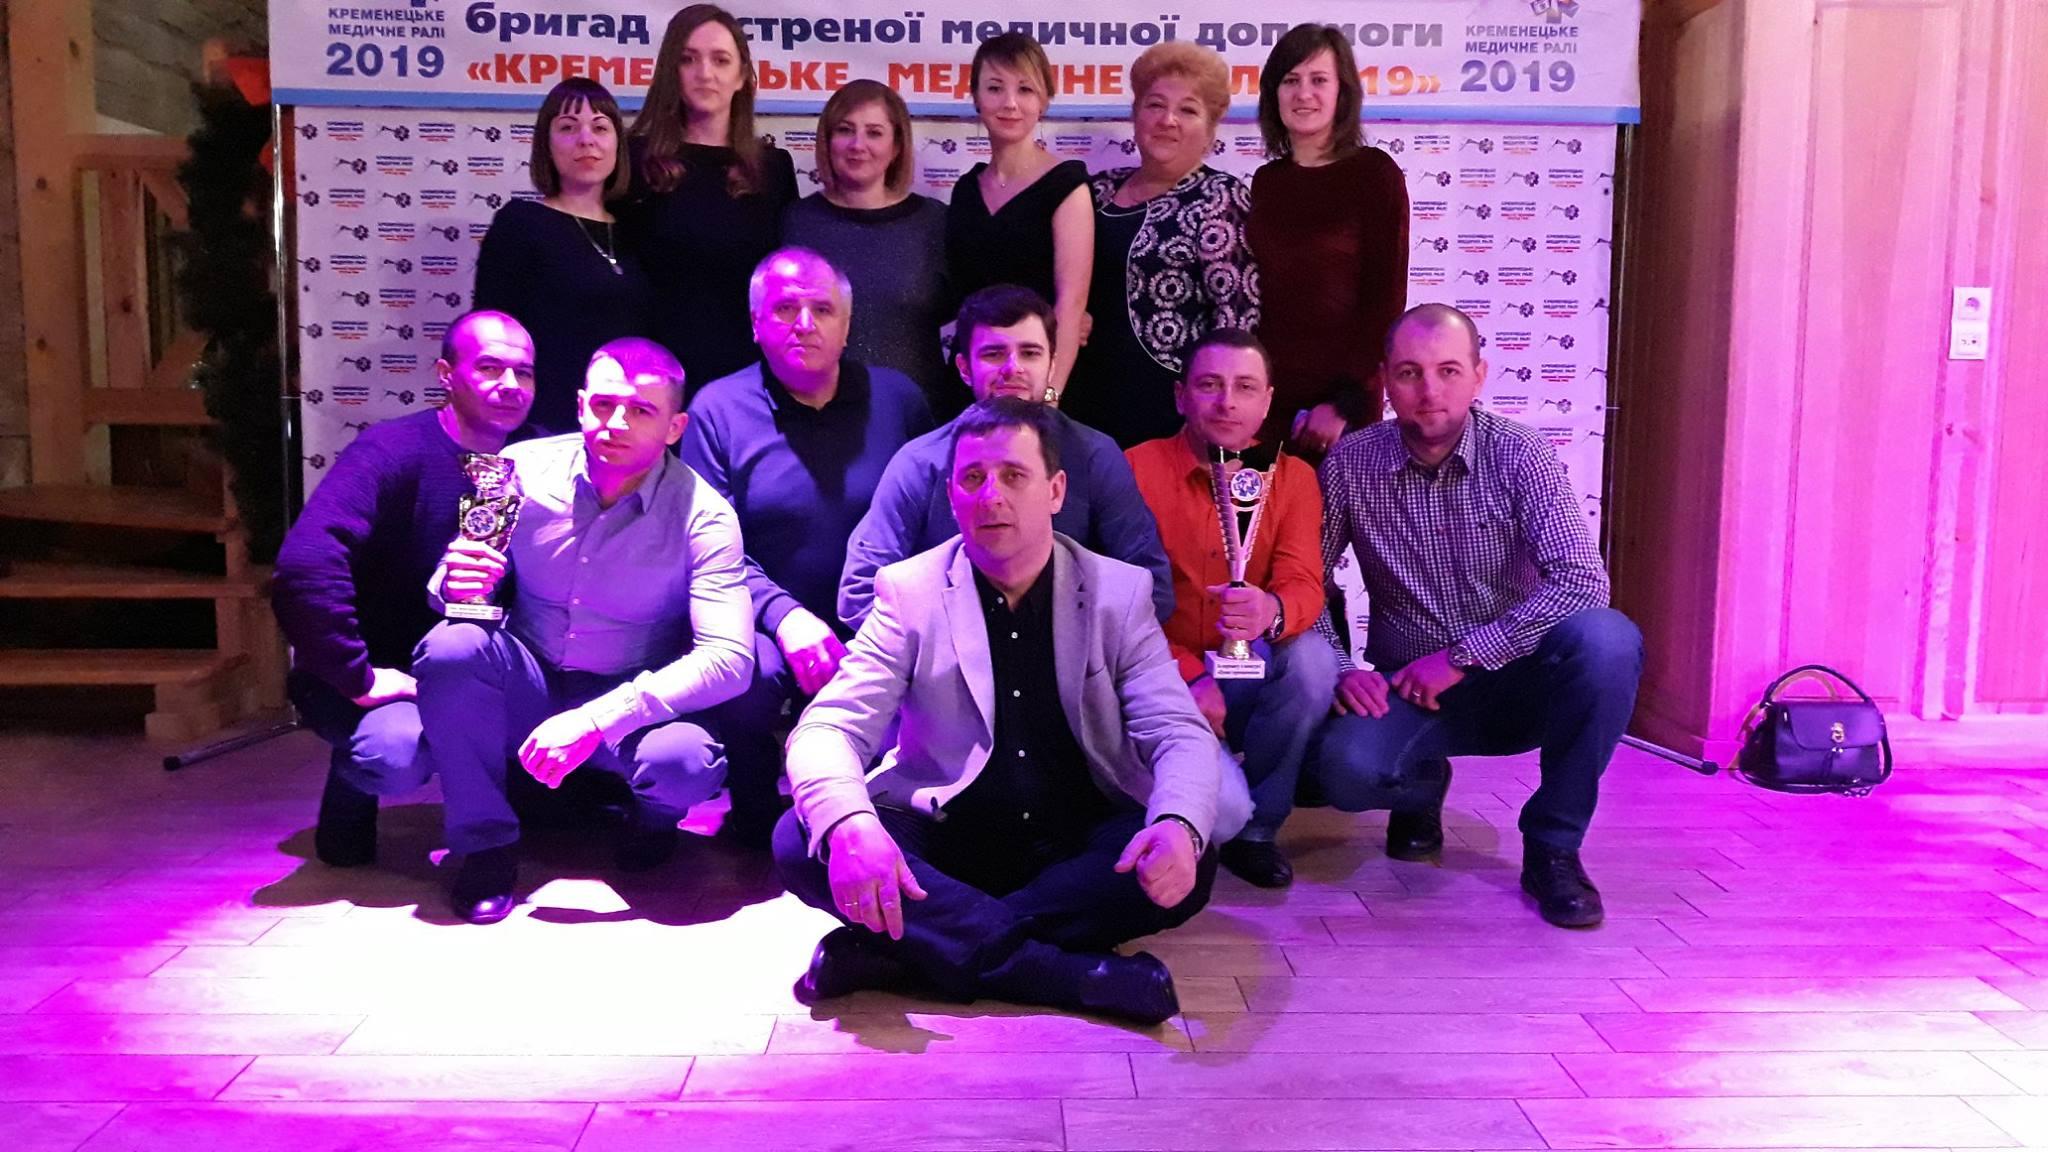 Медики з Волині здобули перемогу у Кременці. ФОТО